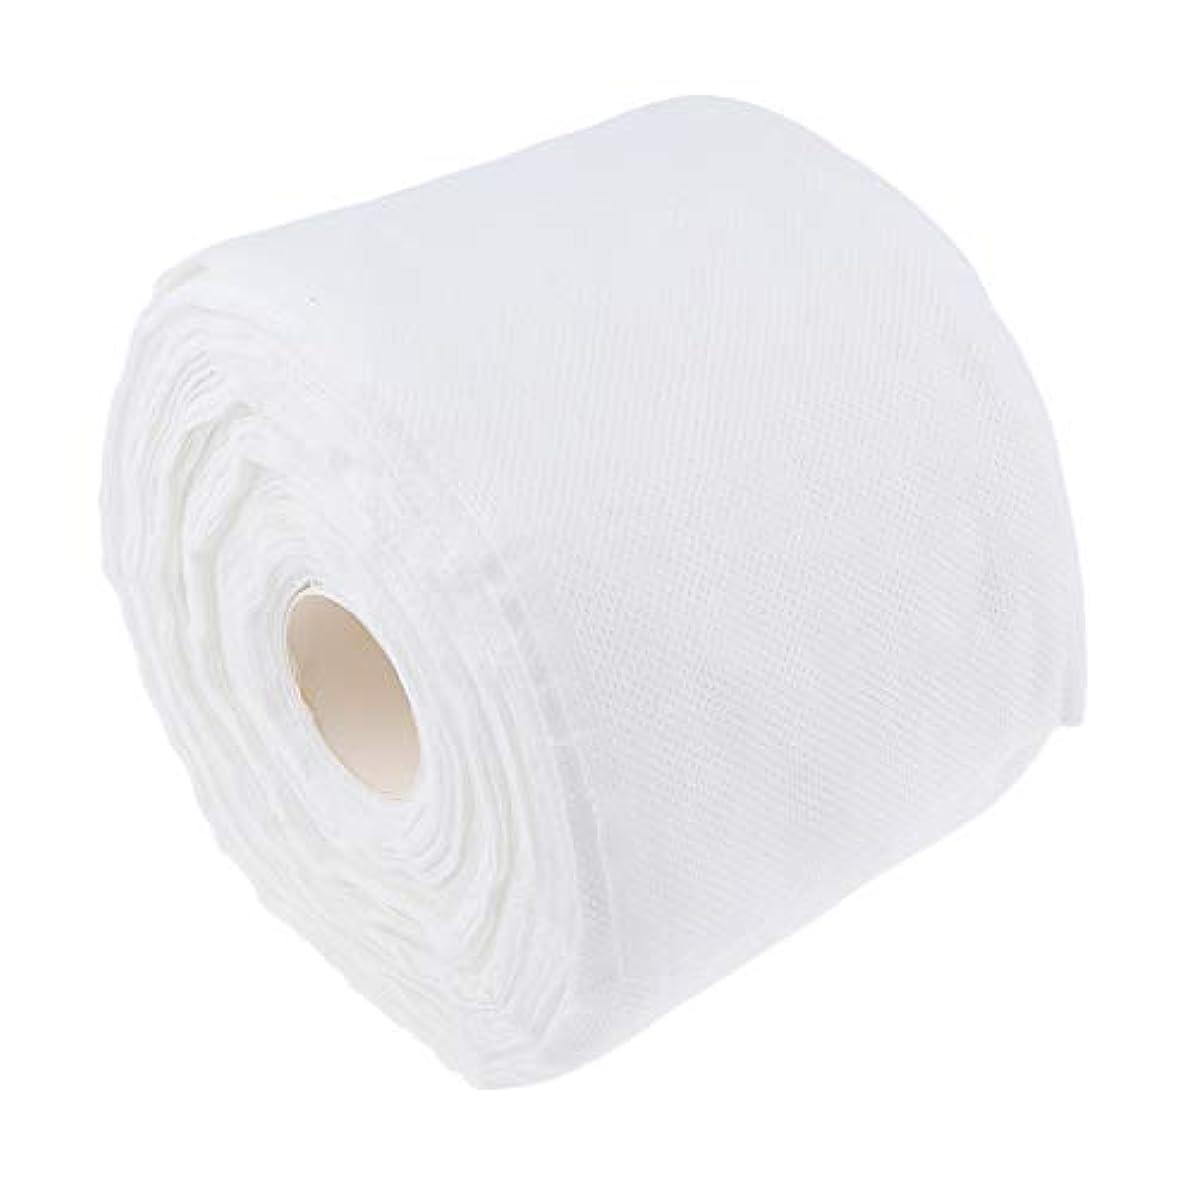 便宜必要とする影のあるF Fityle メイクコットンパッド 使い捨て 柔らか コットン タオル クリーニング 拭き取り ティッシュロール